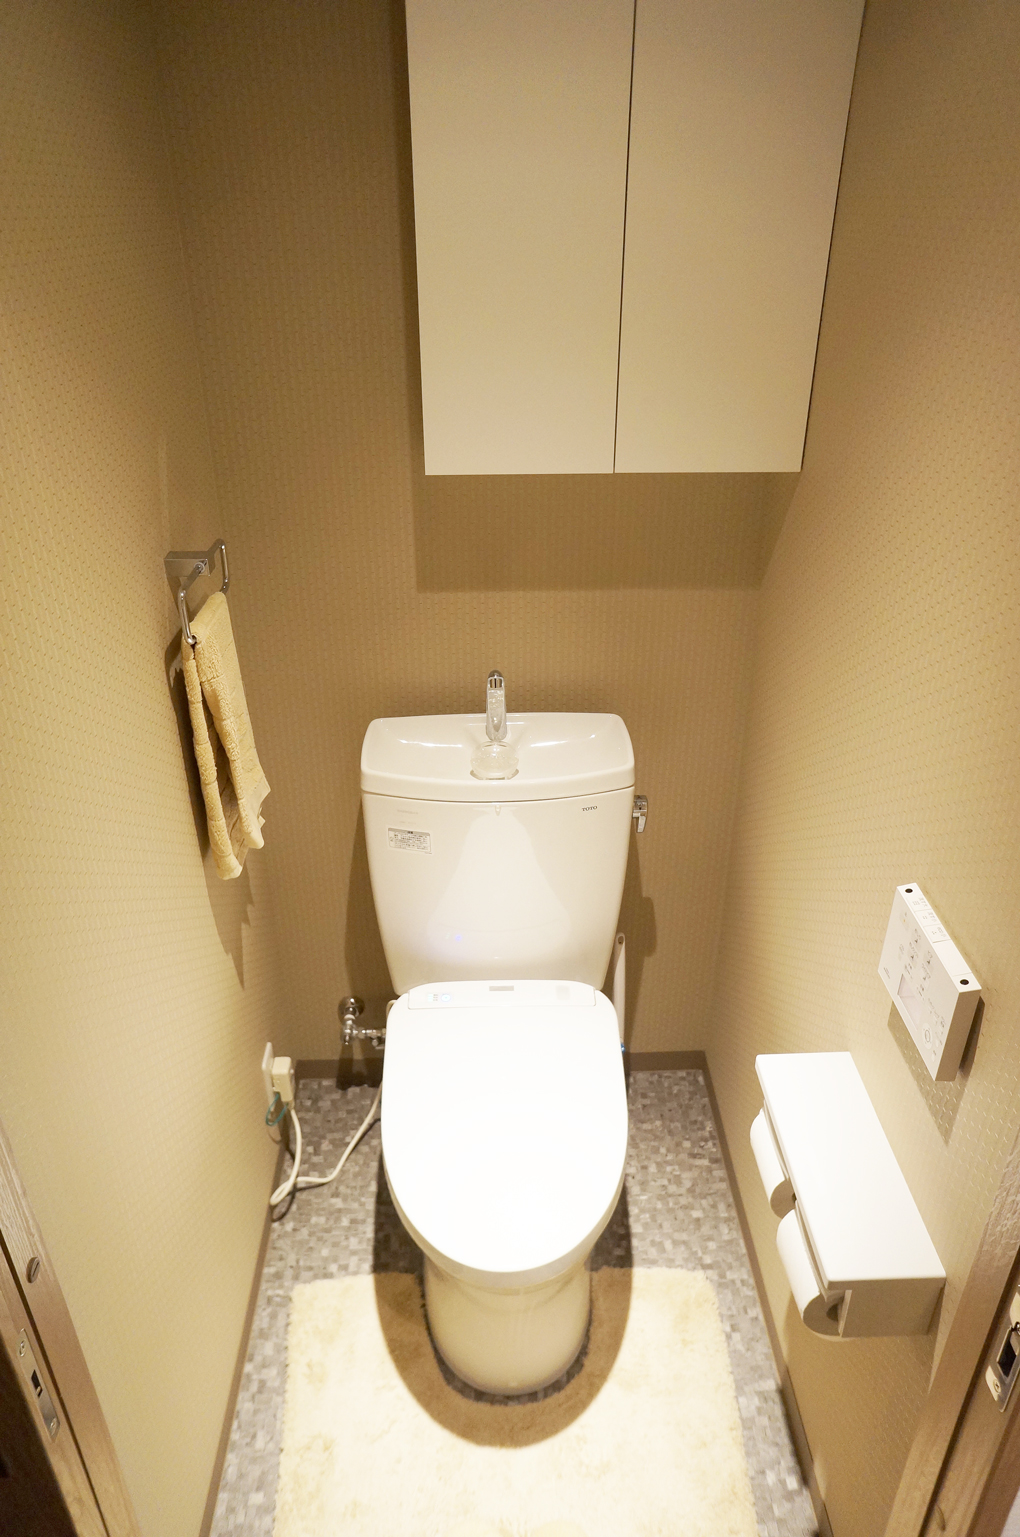 戸建て トイレ のリフォーム施工事例 壁紙で驚く程印象がかわったシックなトイレ空間 大希企画株式会社